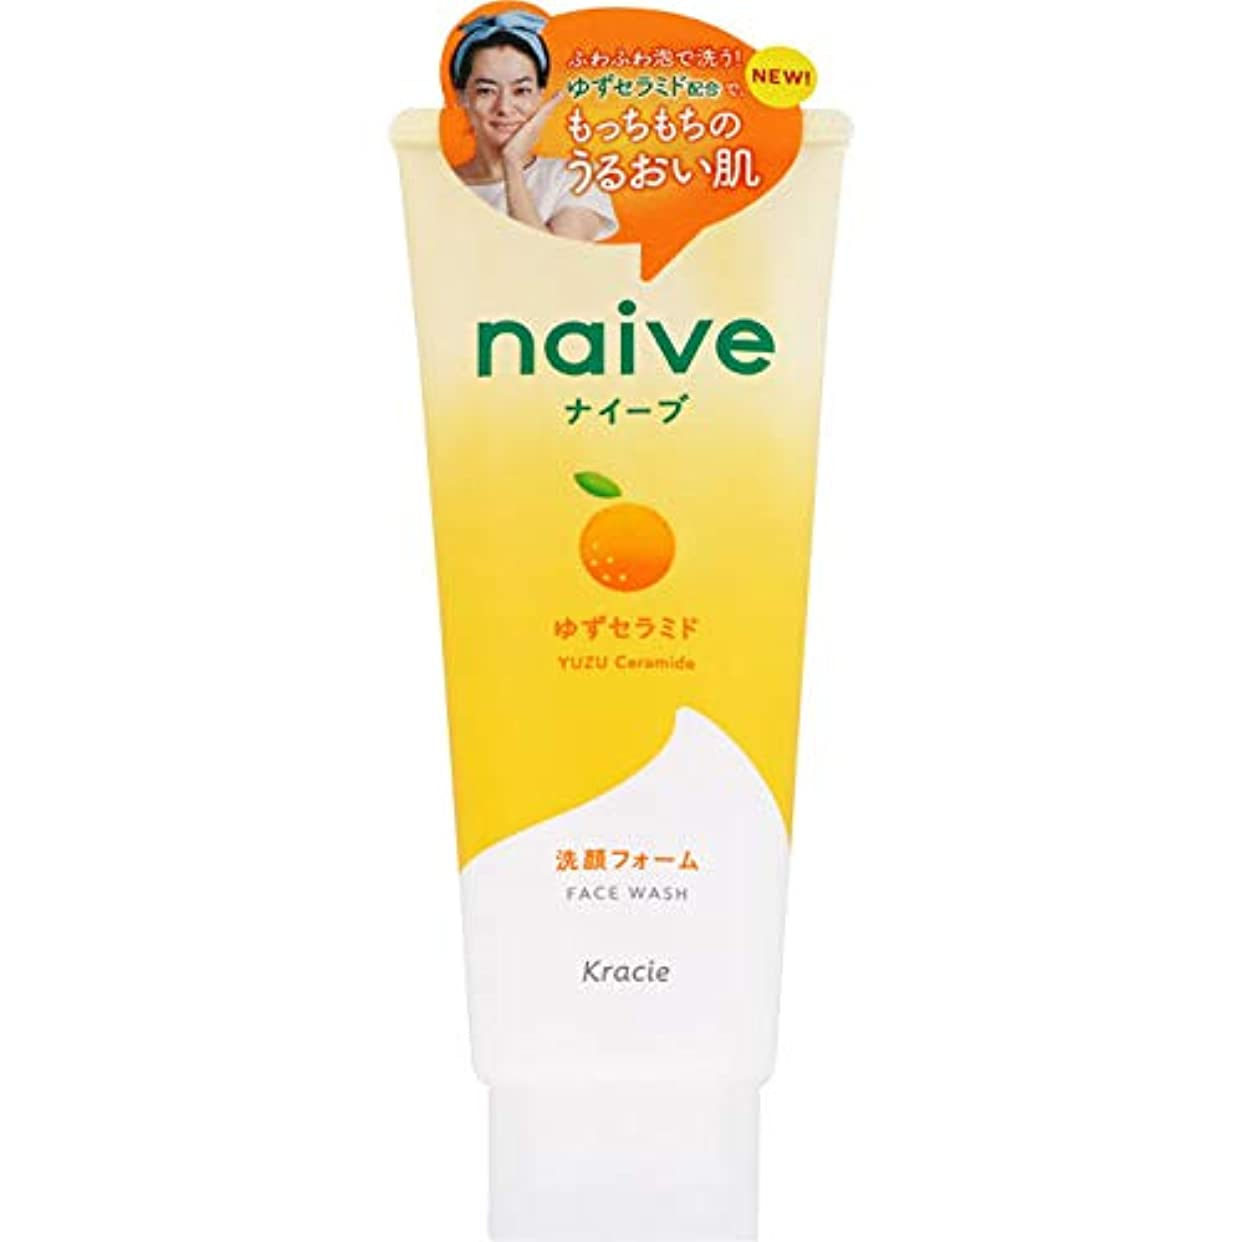 電気陽性植物学者時計回りクラシエホームプロダクツ ナイーブ 洗顔フォーム (ゆずセラミド配合) 130g